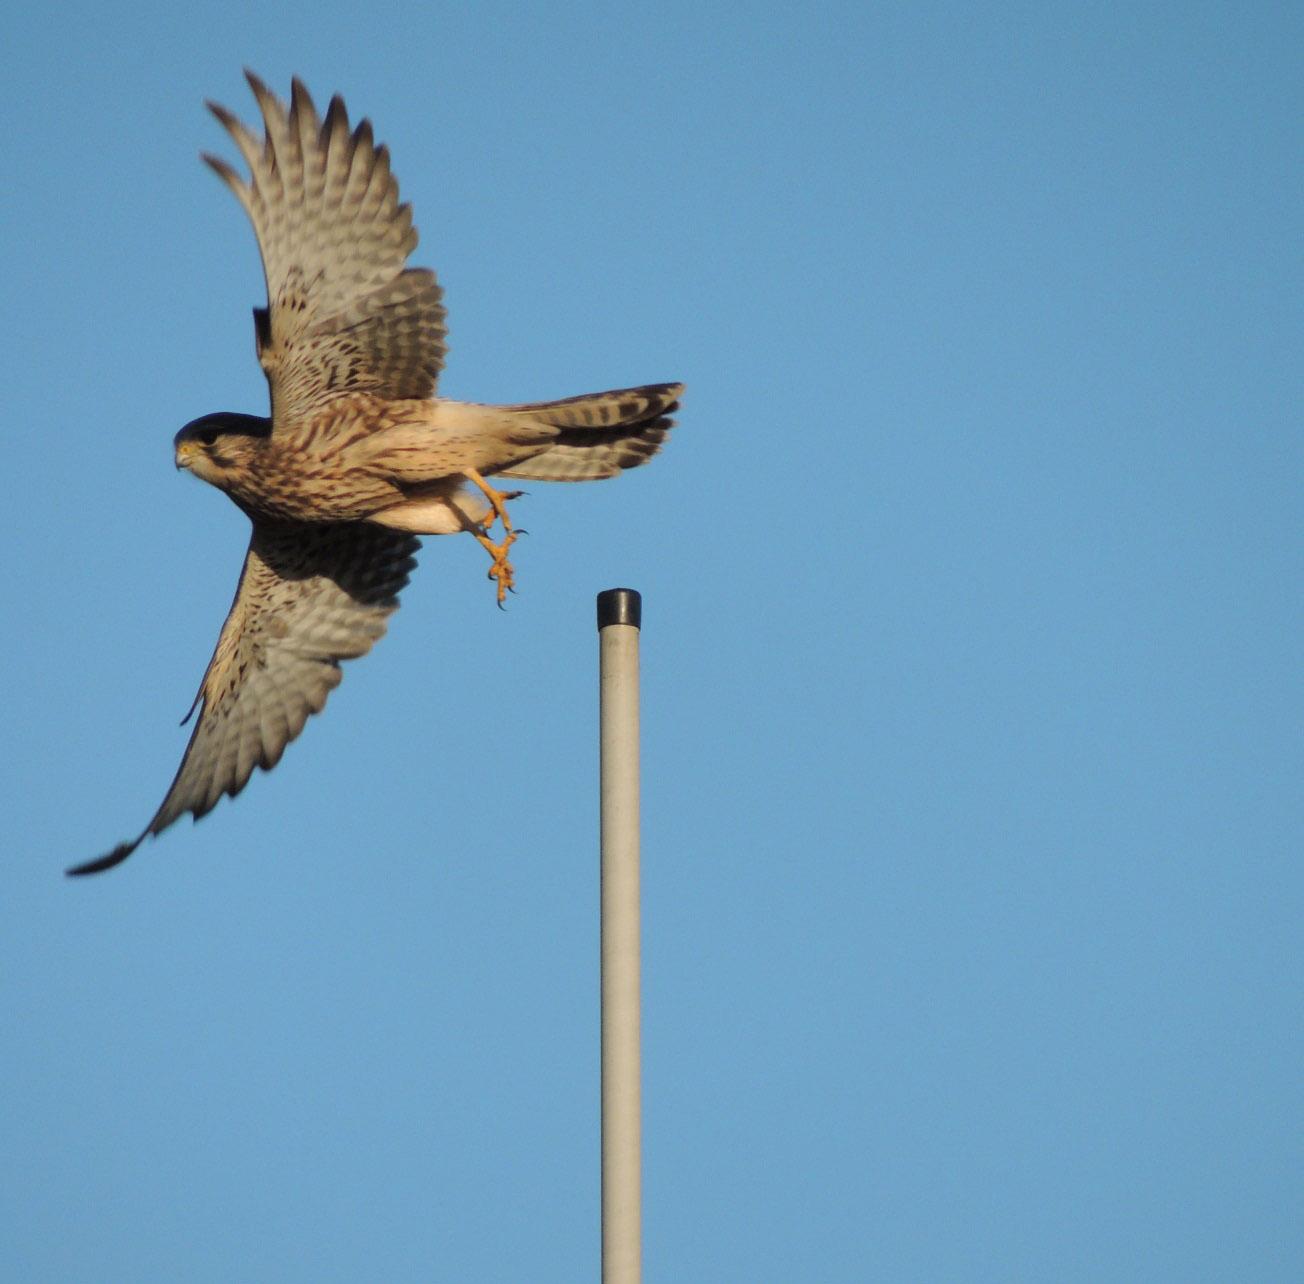 P falcon image